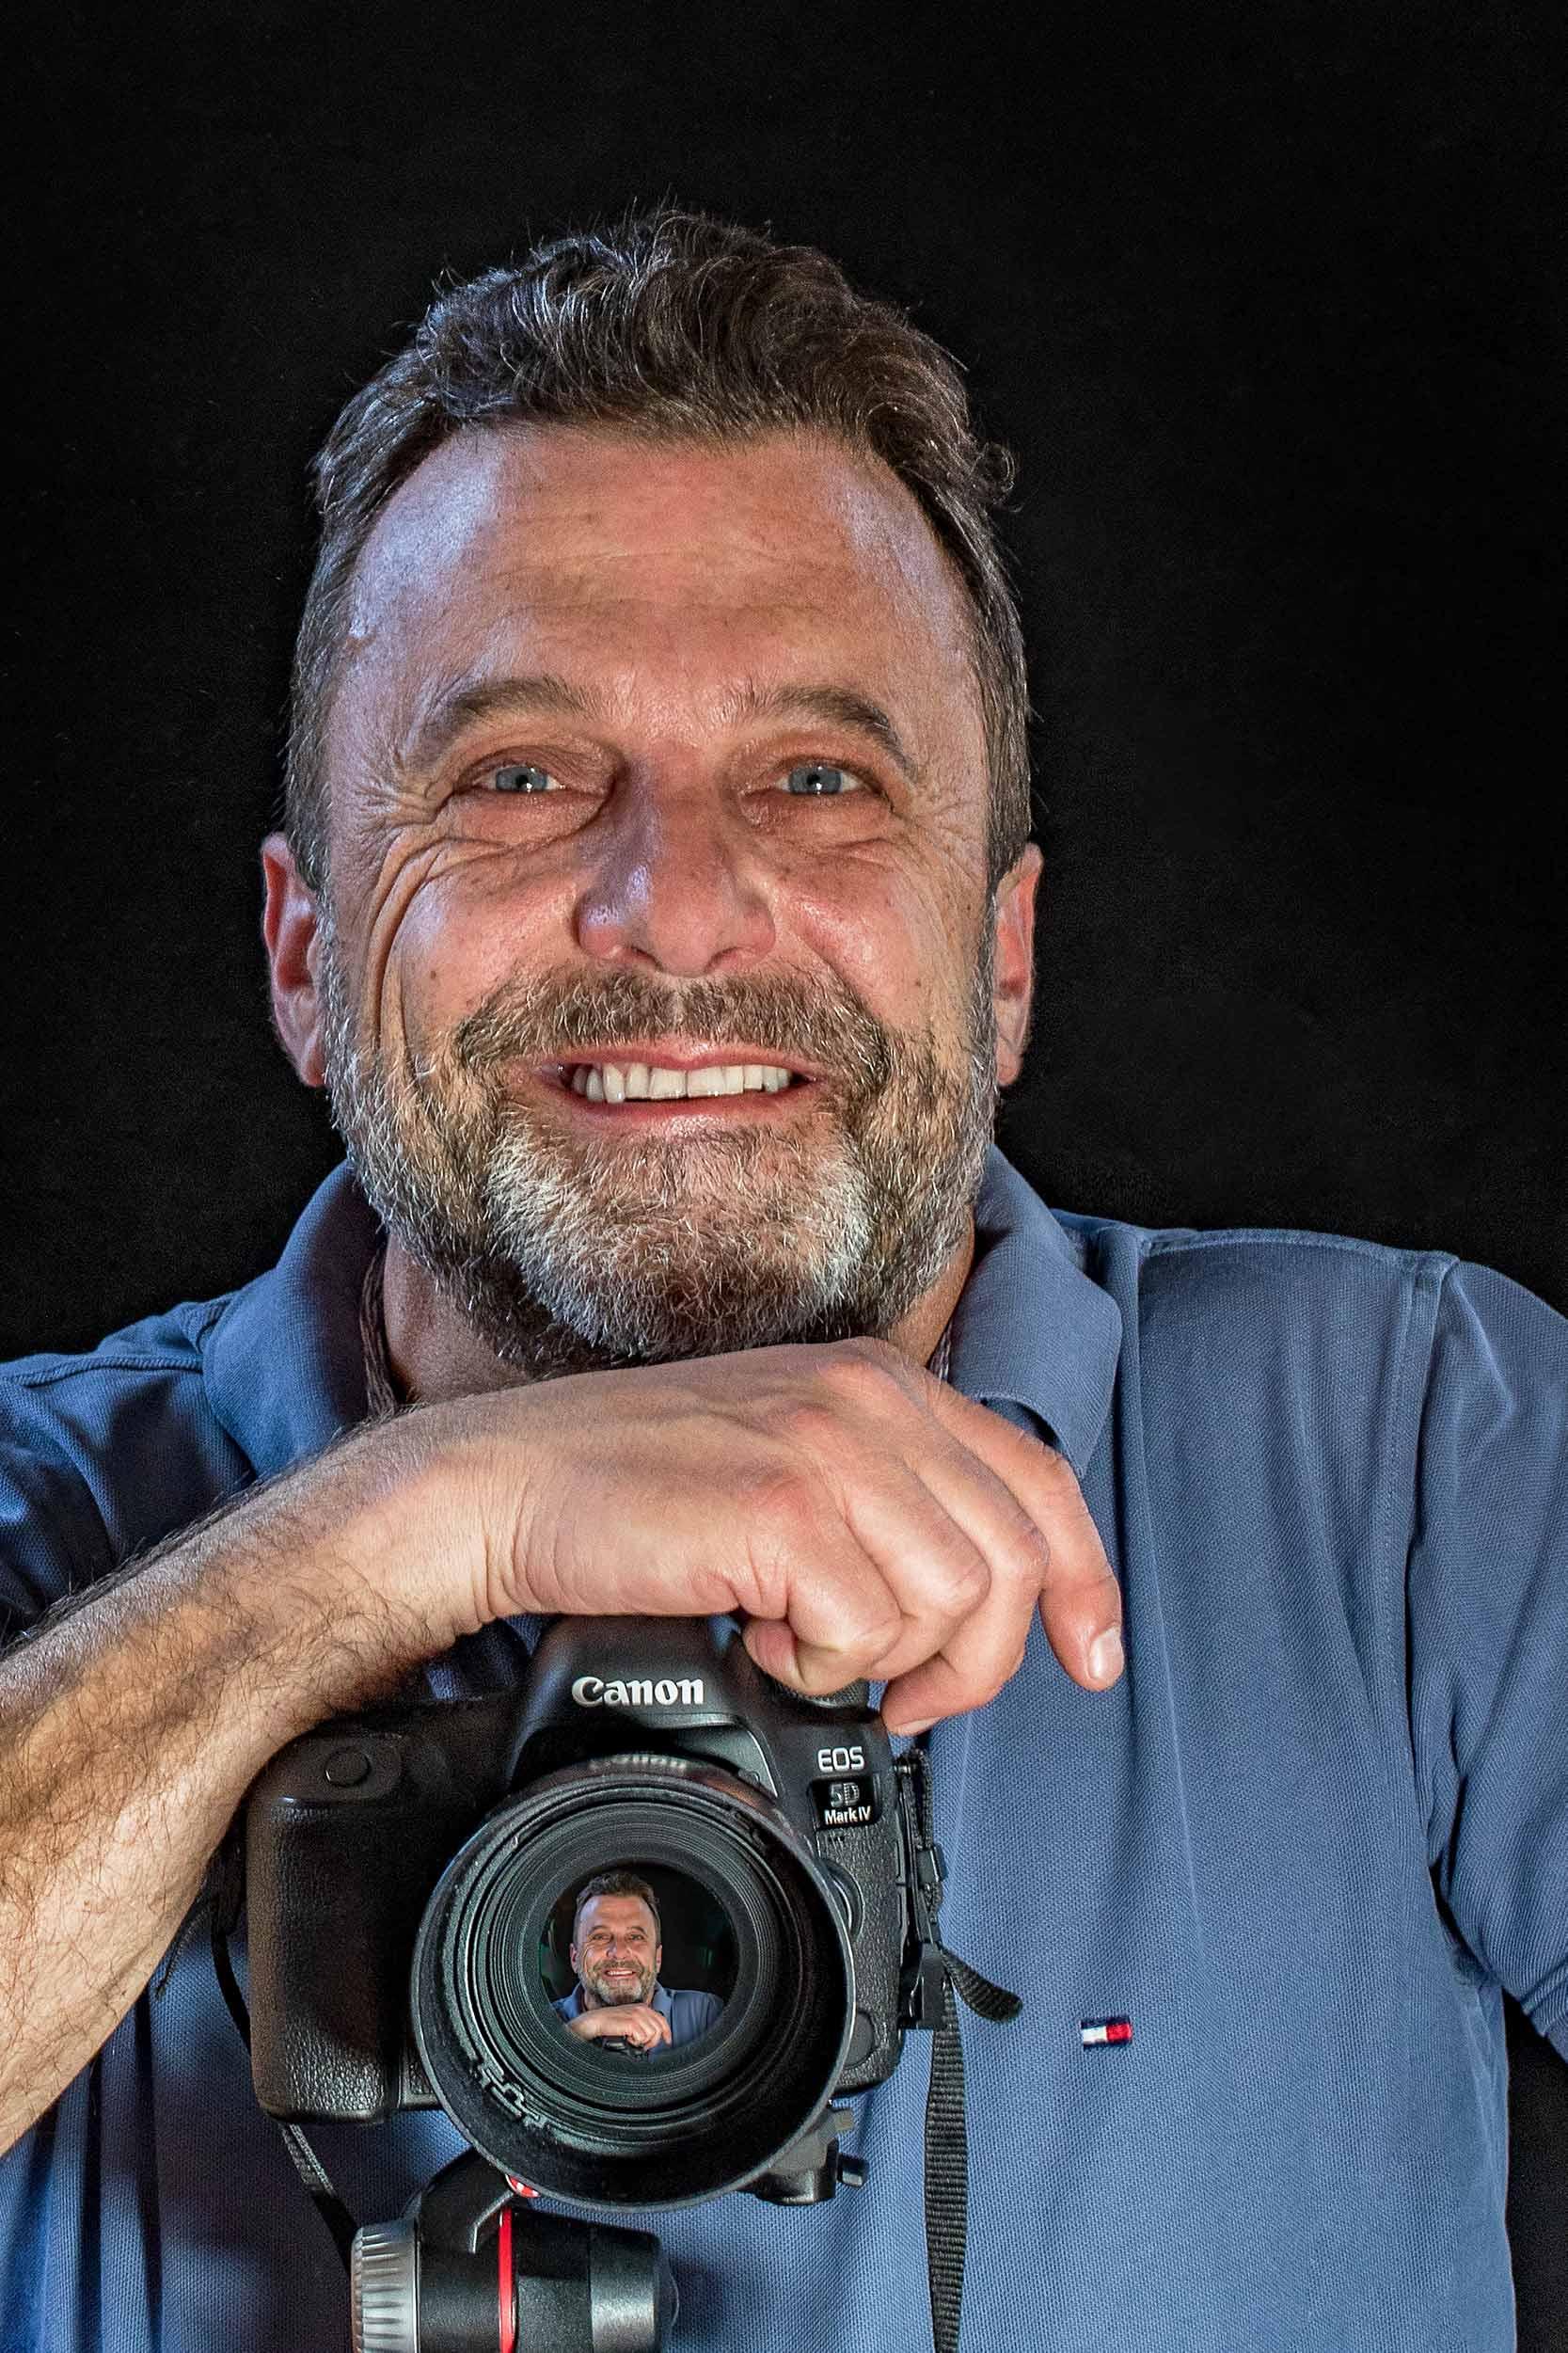 Andreas Gänsluckner